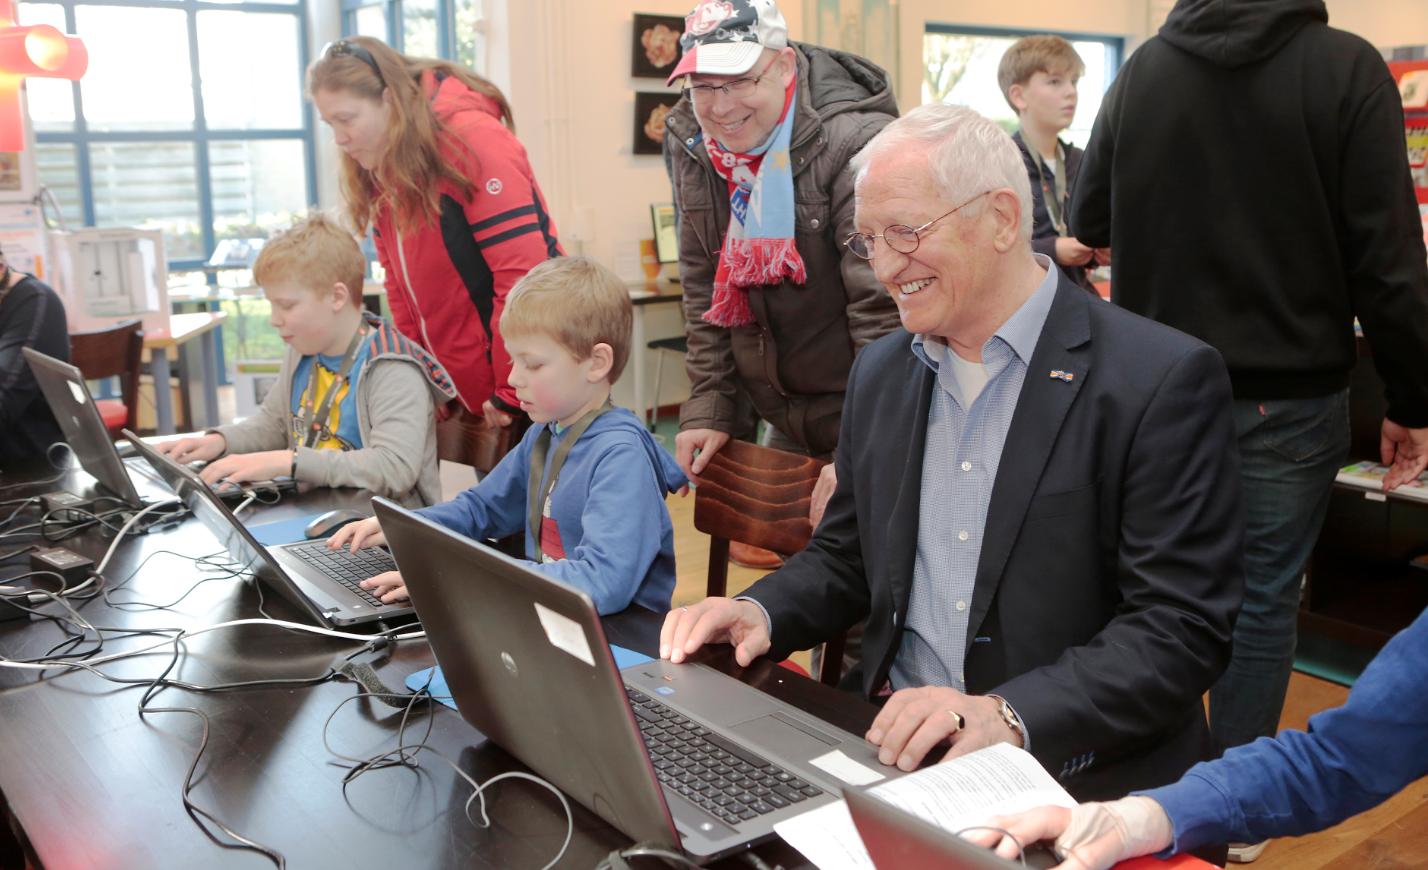 Wethouder Jan den Dunnen zit met veel plezier achter de computer